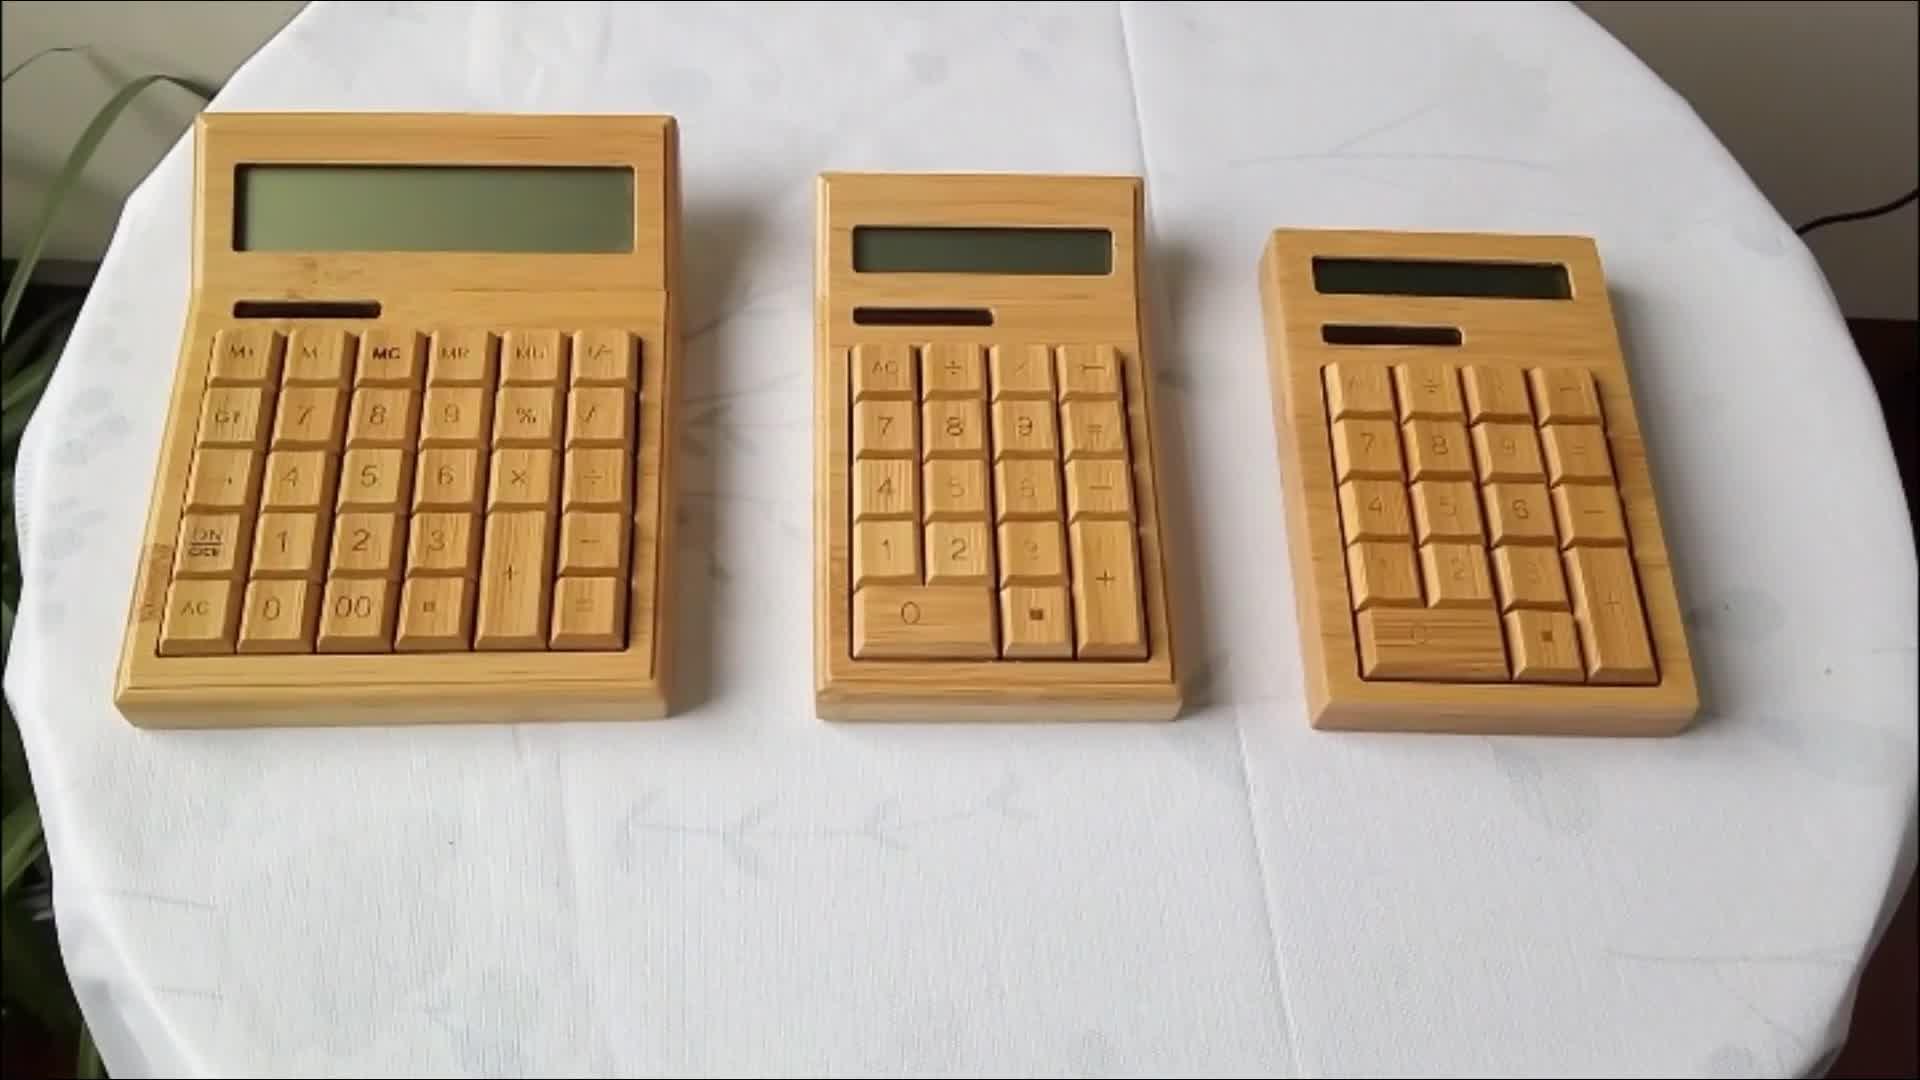 Amazon heißer Verkauf Solar Square 8, 9, 10, 11, 12-stellige kleine Taschenrechner